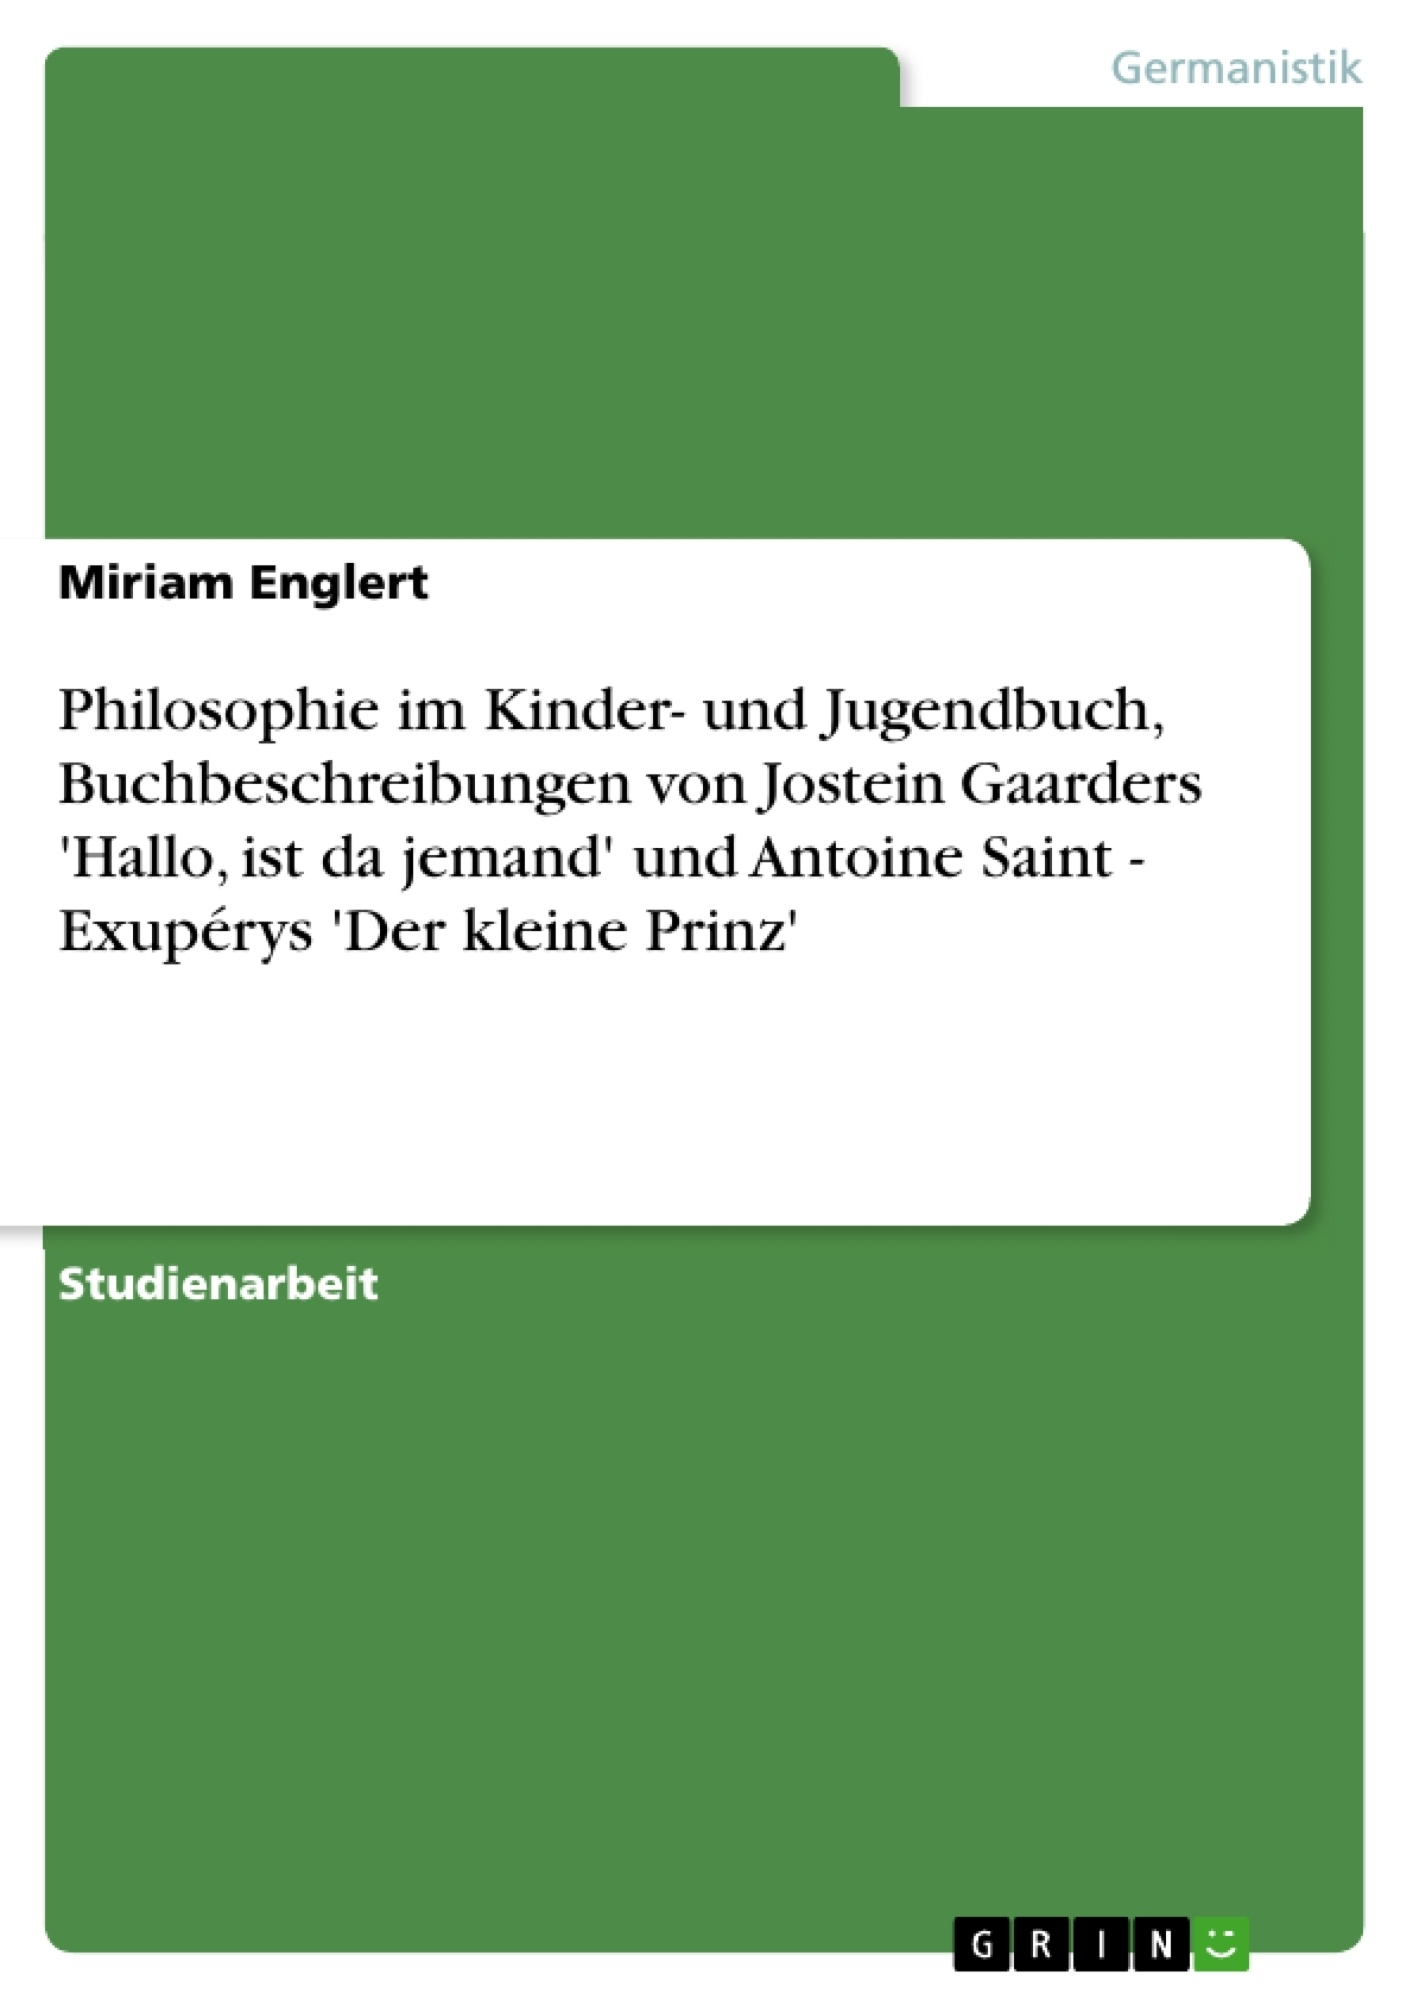 Titel: Philosophie im Kinder- und Jugendbuch, Buchbeschreibungen von Jostein Gaarders 'Hallo, ist da jemand' und Antoine Saint - Exupérys 'Der kleine Prinz'